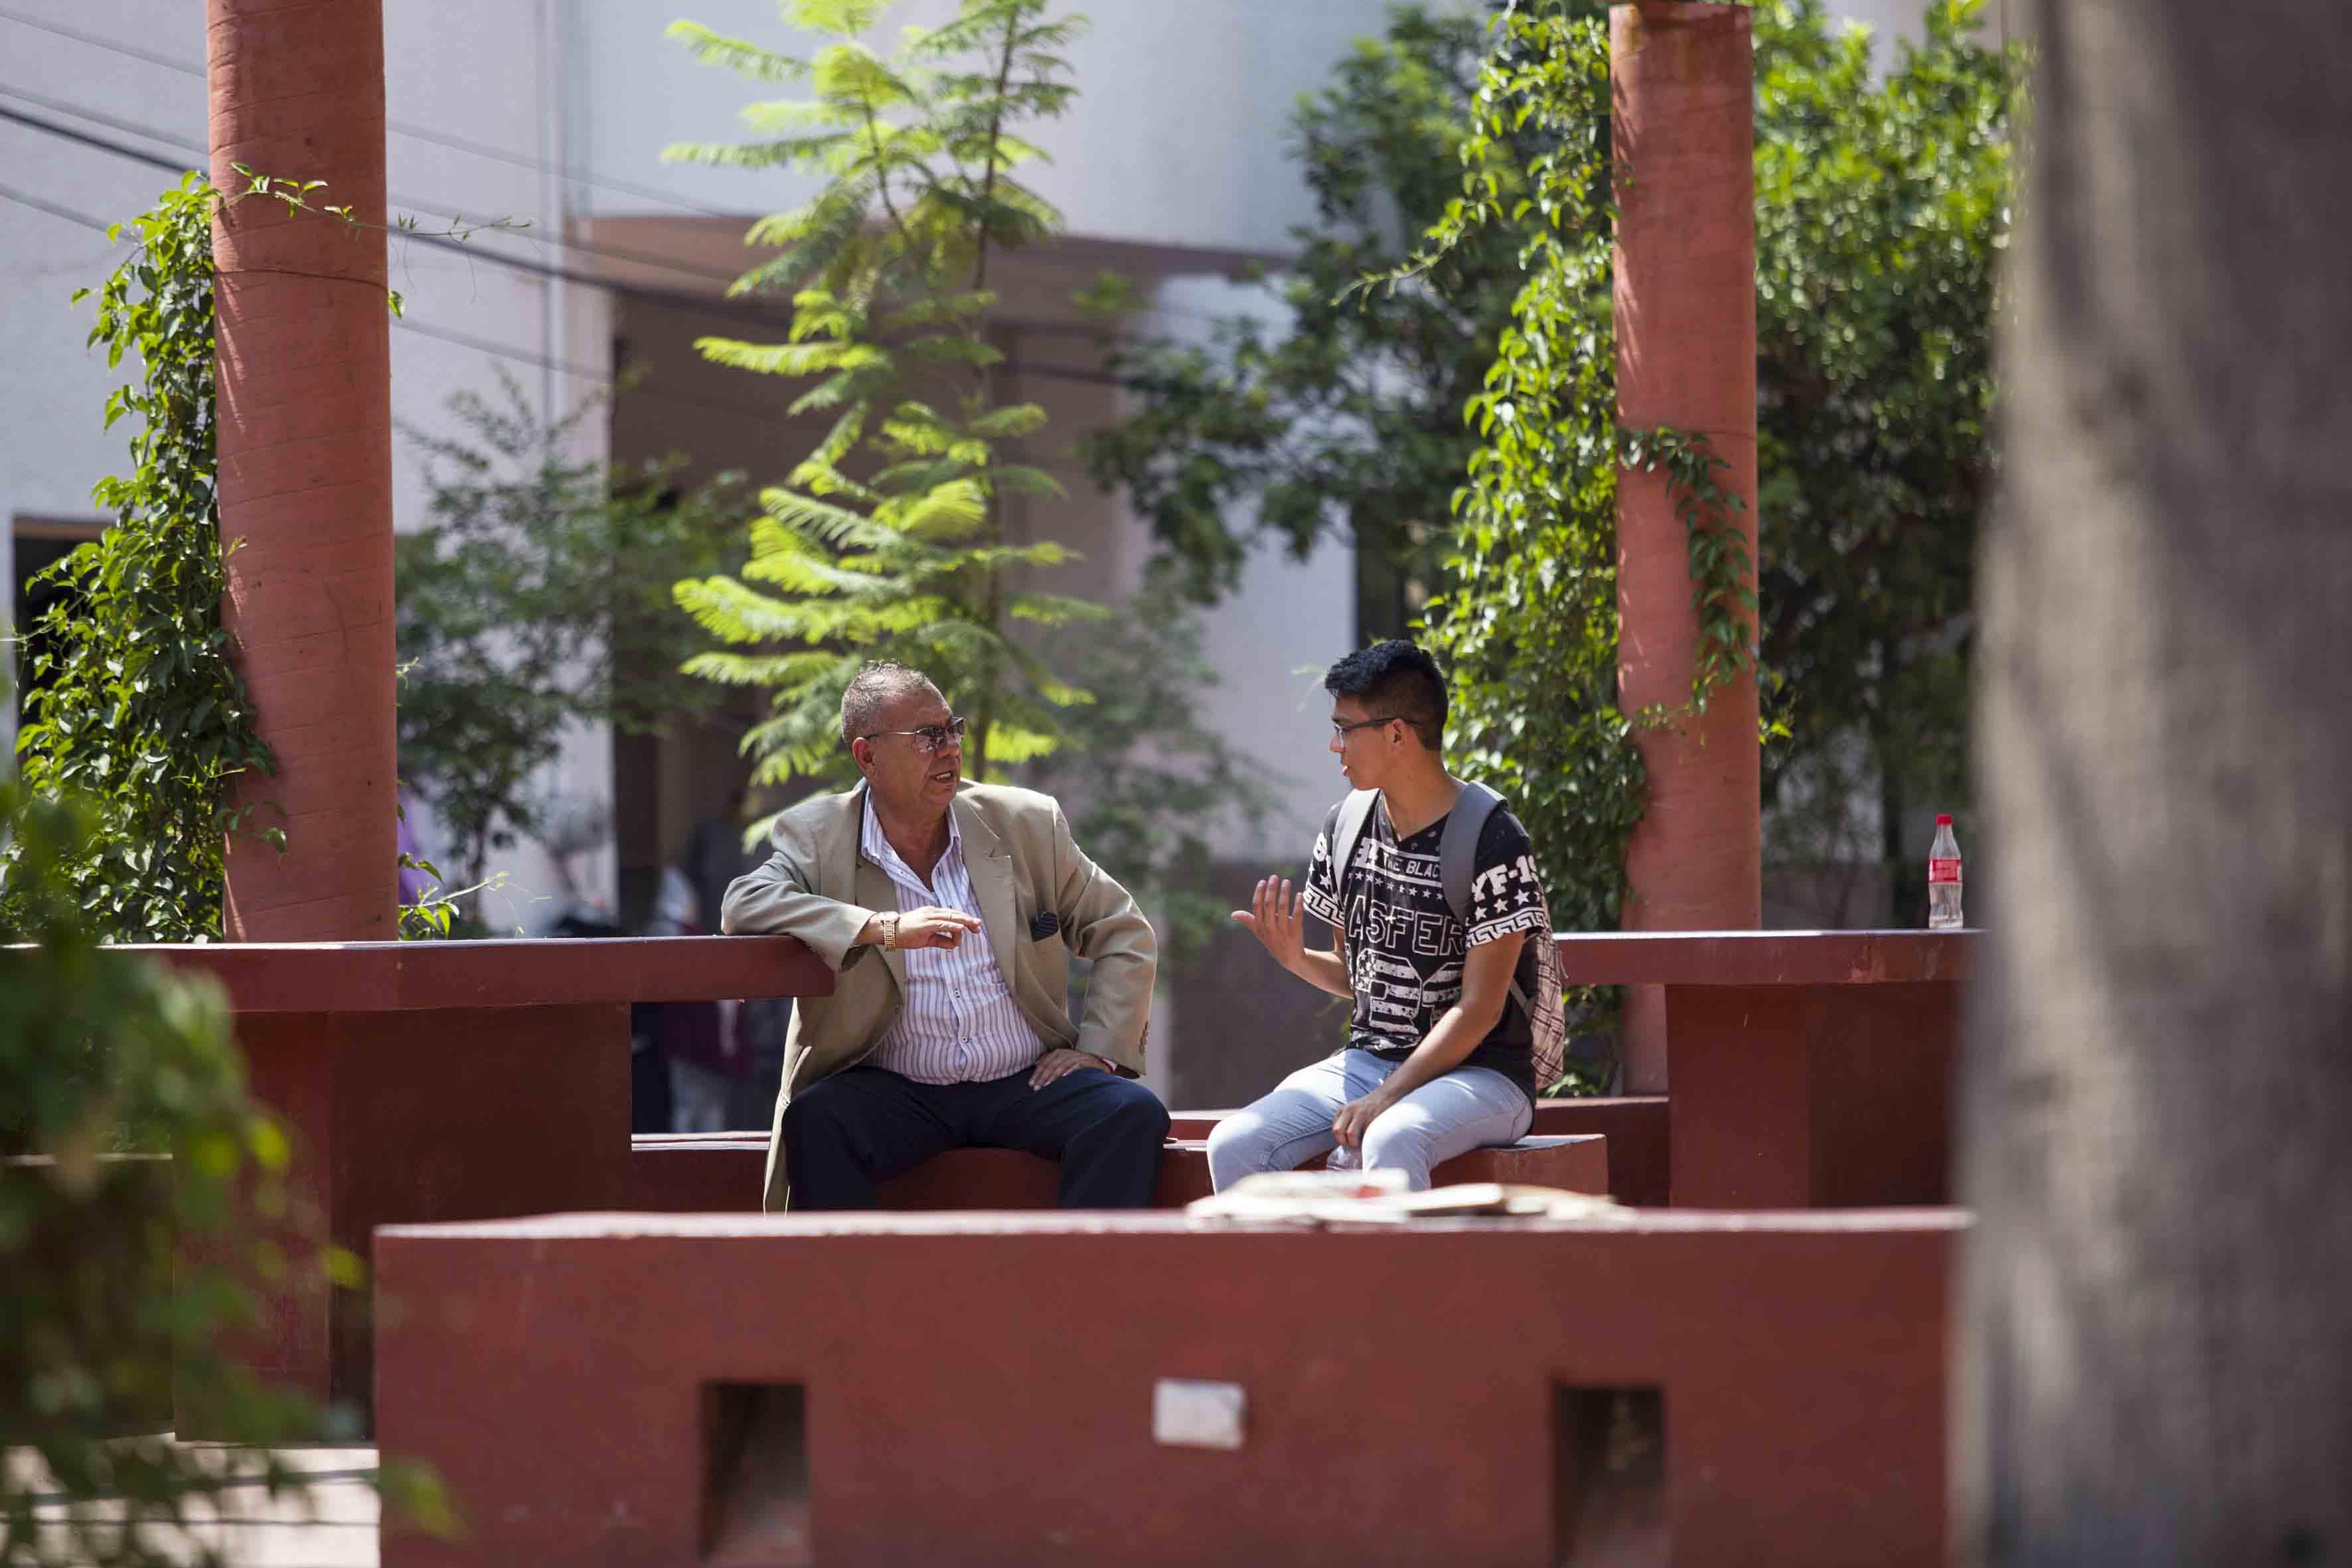 Alumno platicando con su profesor